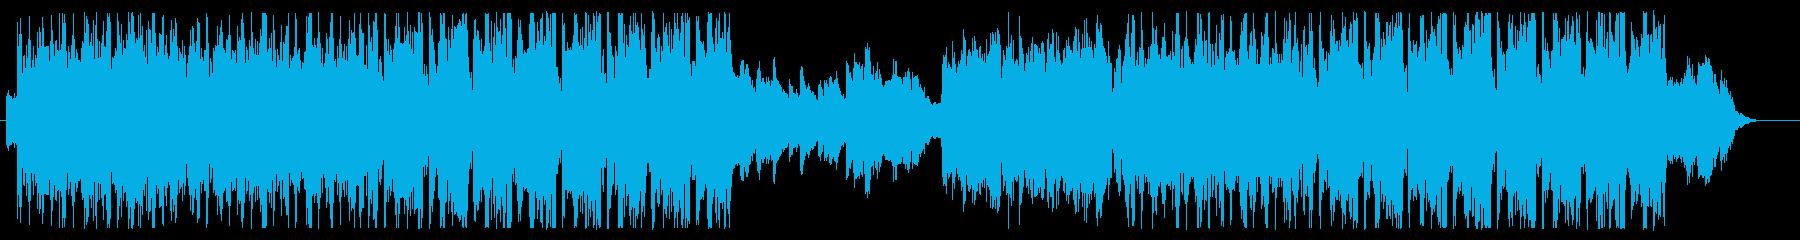 ゲームのキャラクターなど回転しながら紹介の再生済みの波形